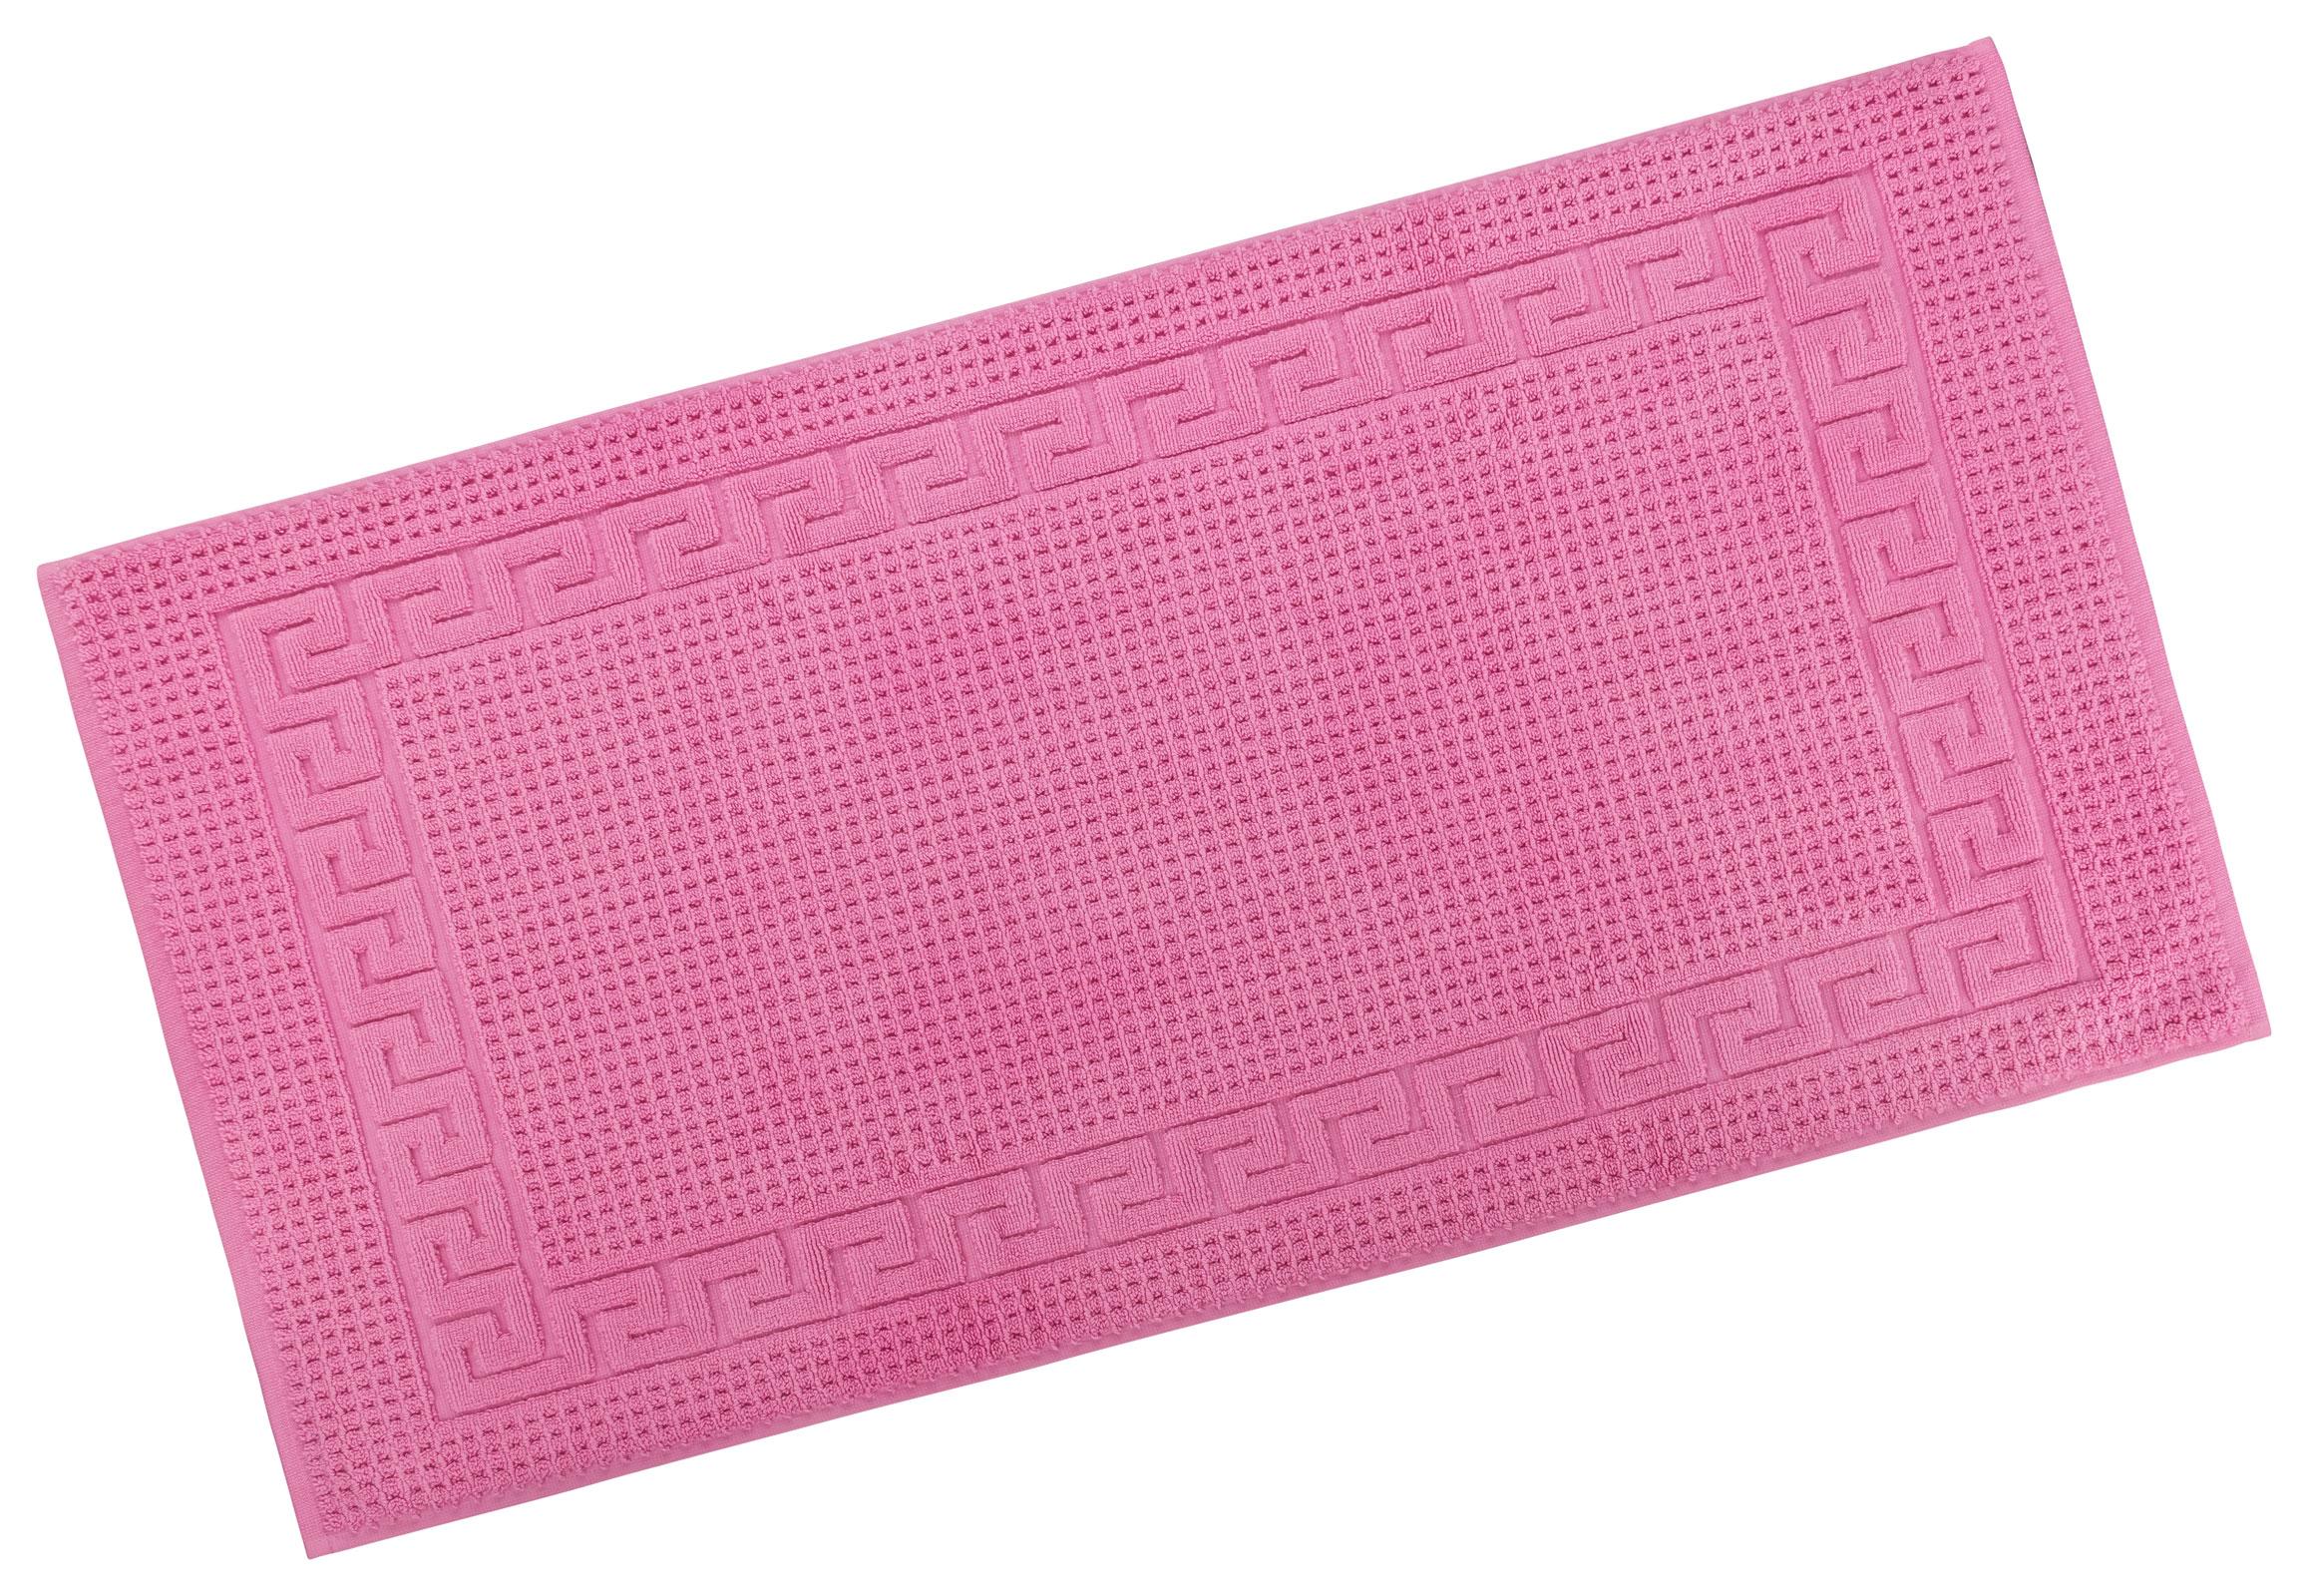 Badtextilien - Restposten Floringo Badvorleger Badematte exclusiv 1100 g m² Badeteppich pink 70x140  - Onlineshop PremiumShop321